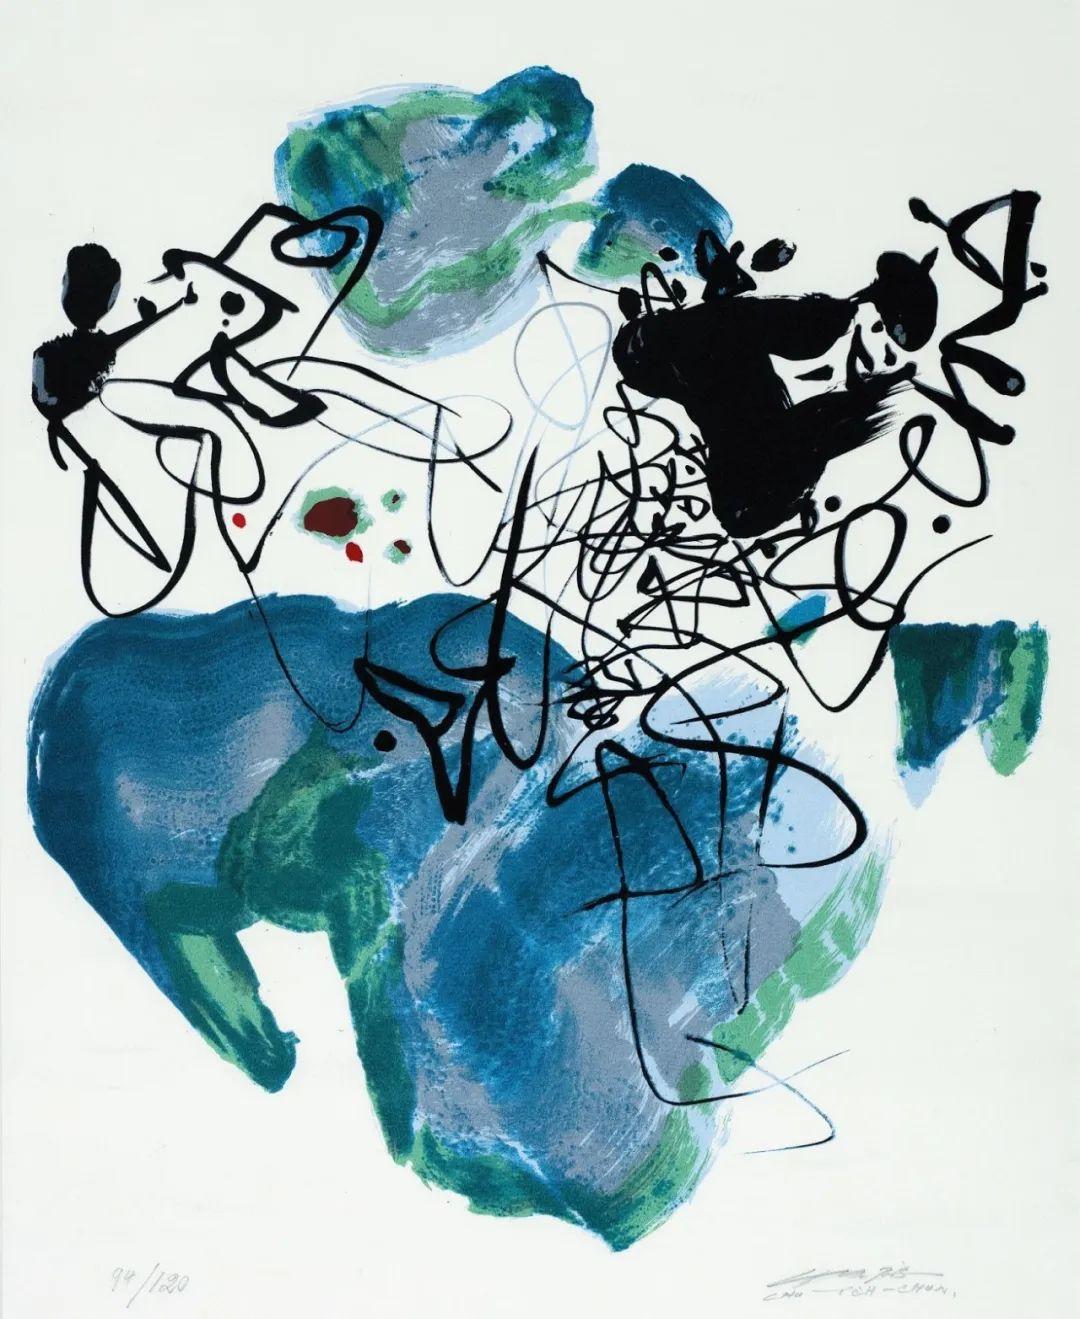 以色彩写诗,具象转抽象,朱德群作品欣赏 (高清)插图17